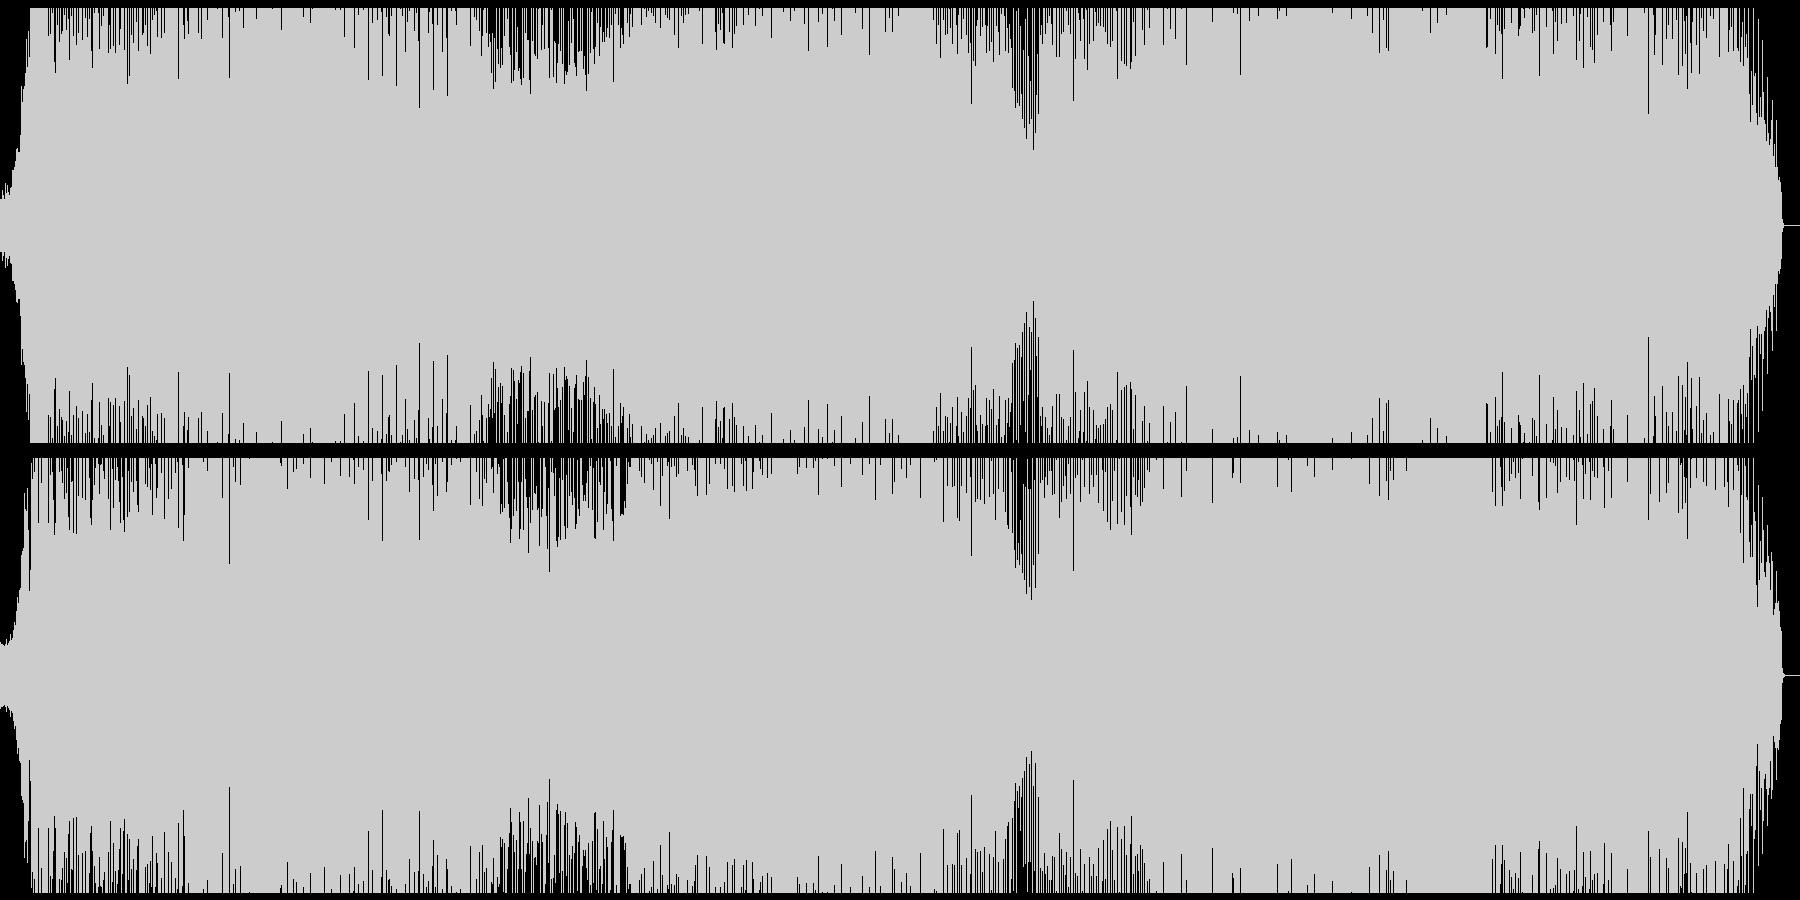 何かの始まりを予感させるEDMの未再生の波形